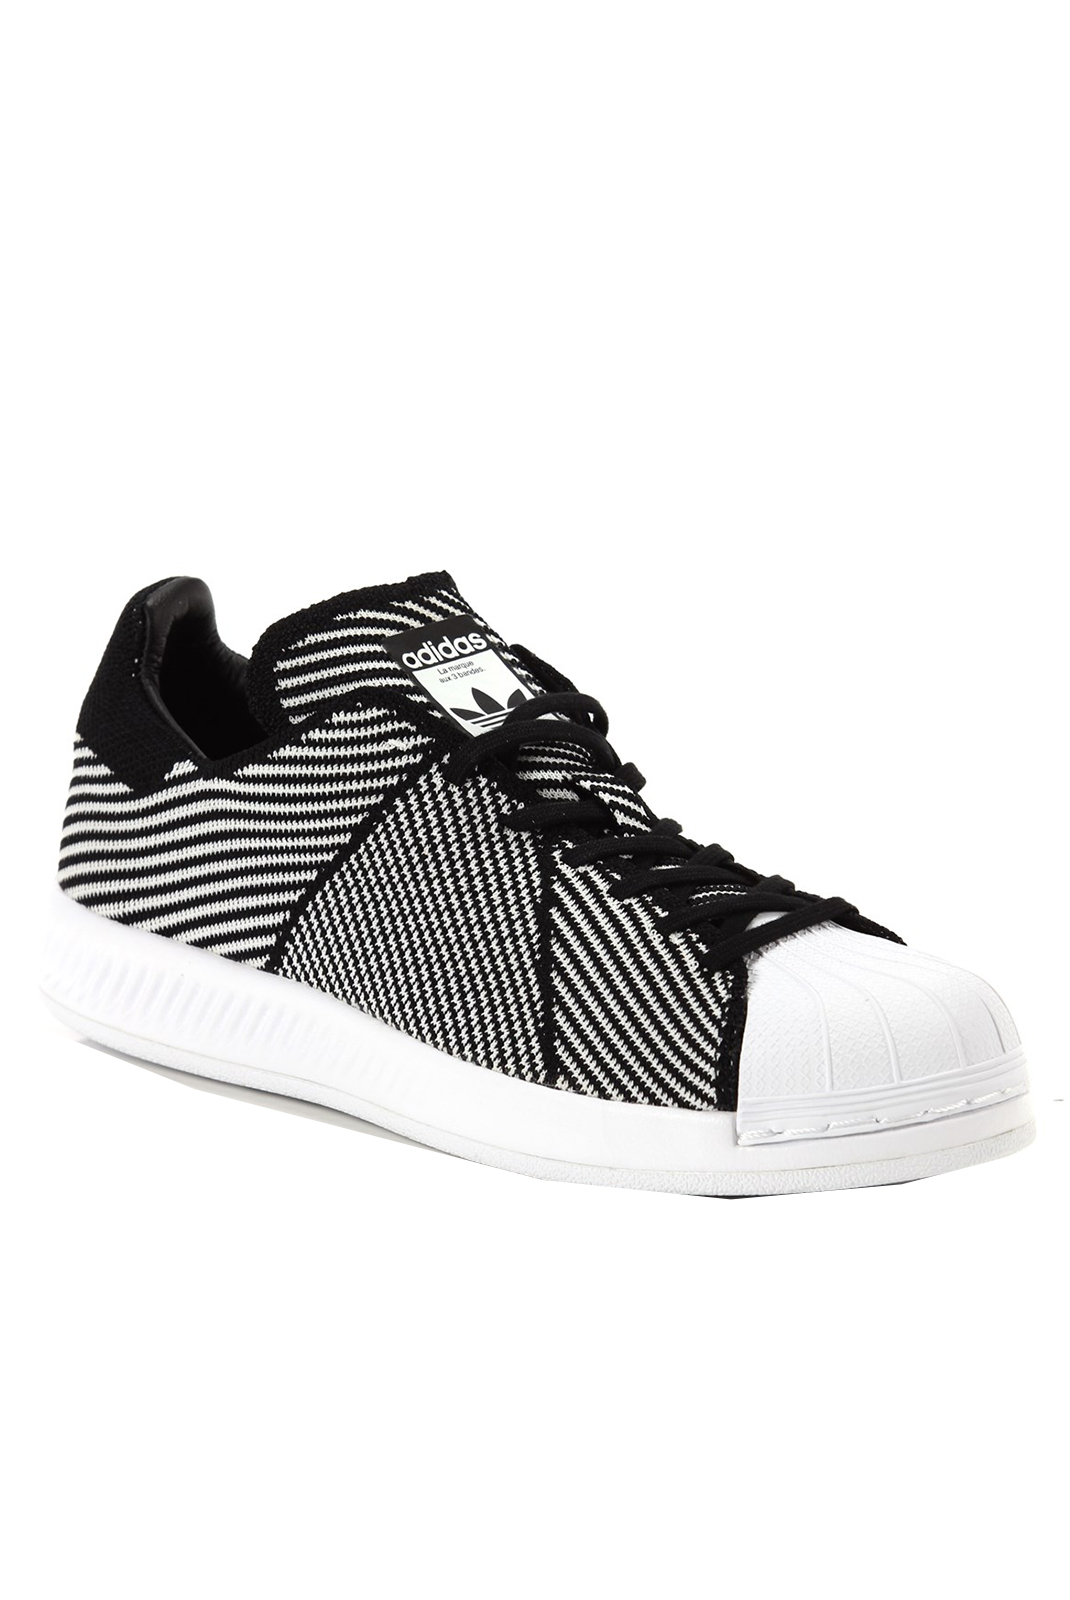 Baskets / Sport  Adidas S82243 SUPERSTAR BOUNCE PK BLACK